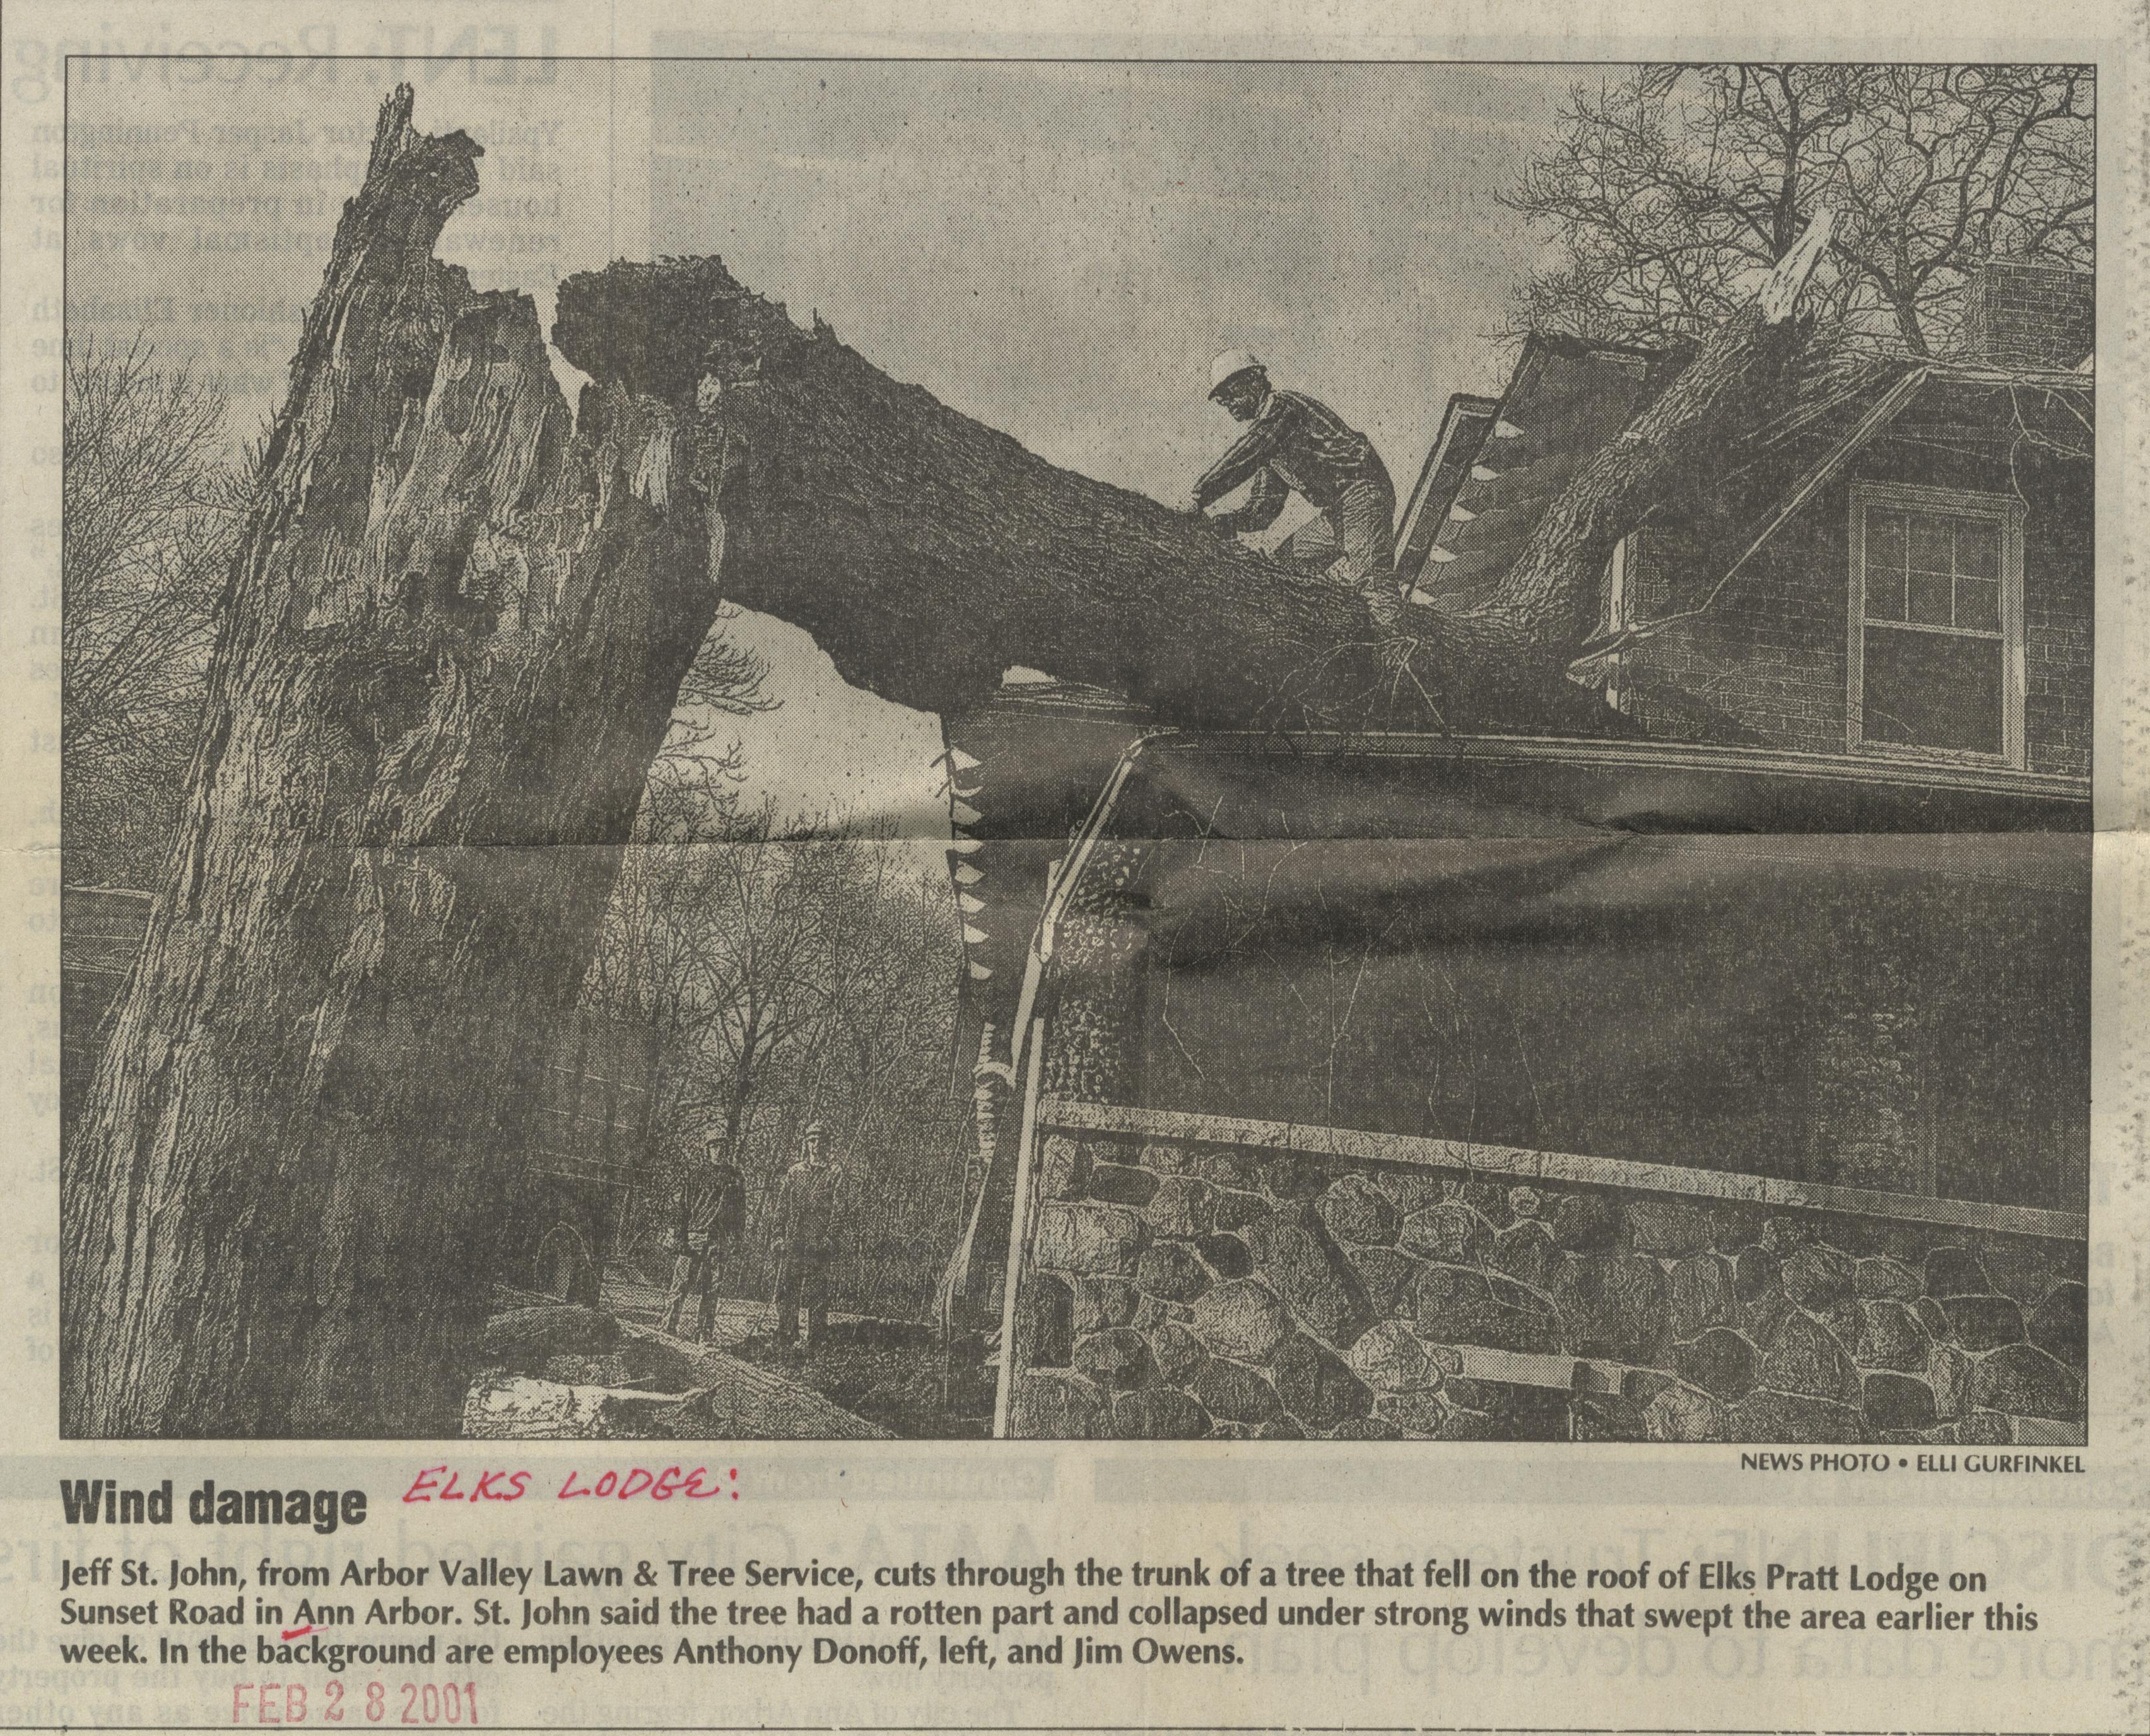 Wind Damage Image